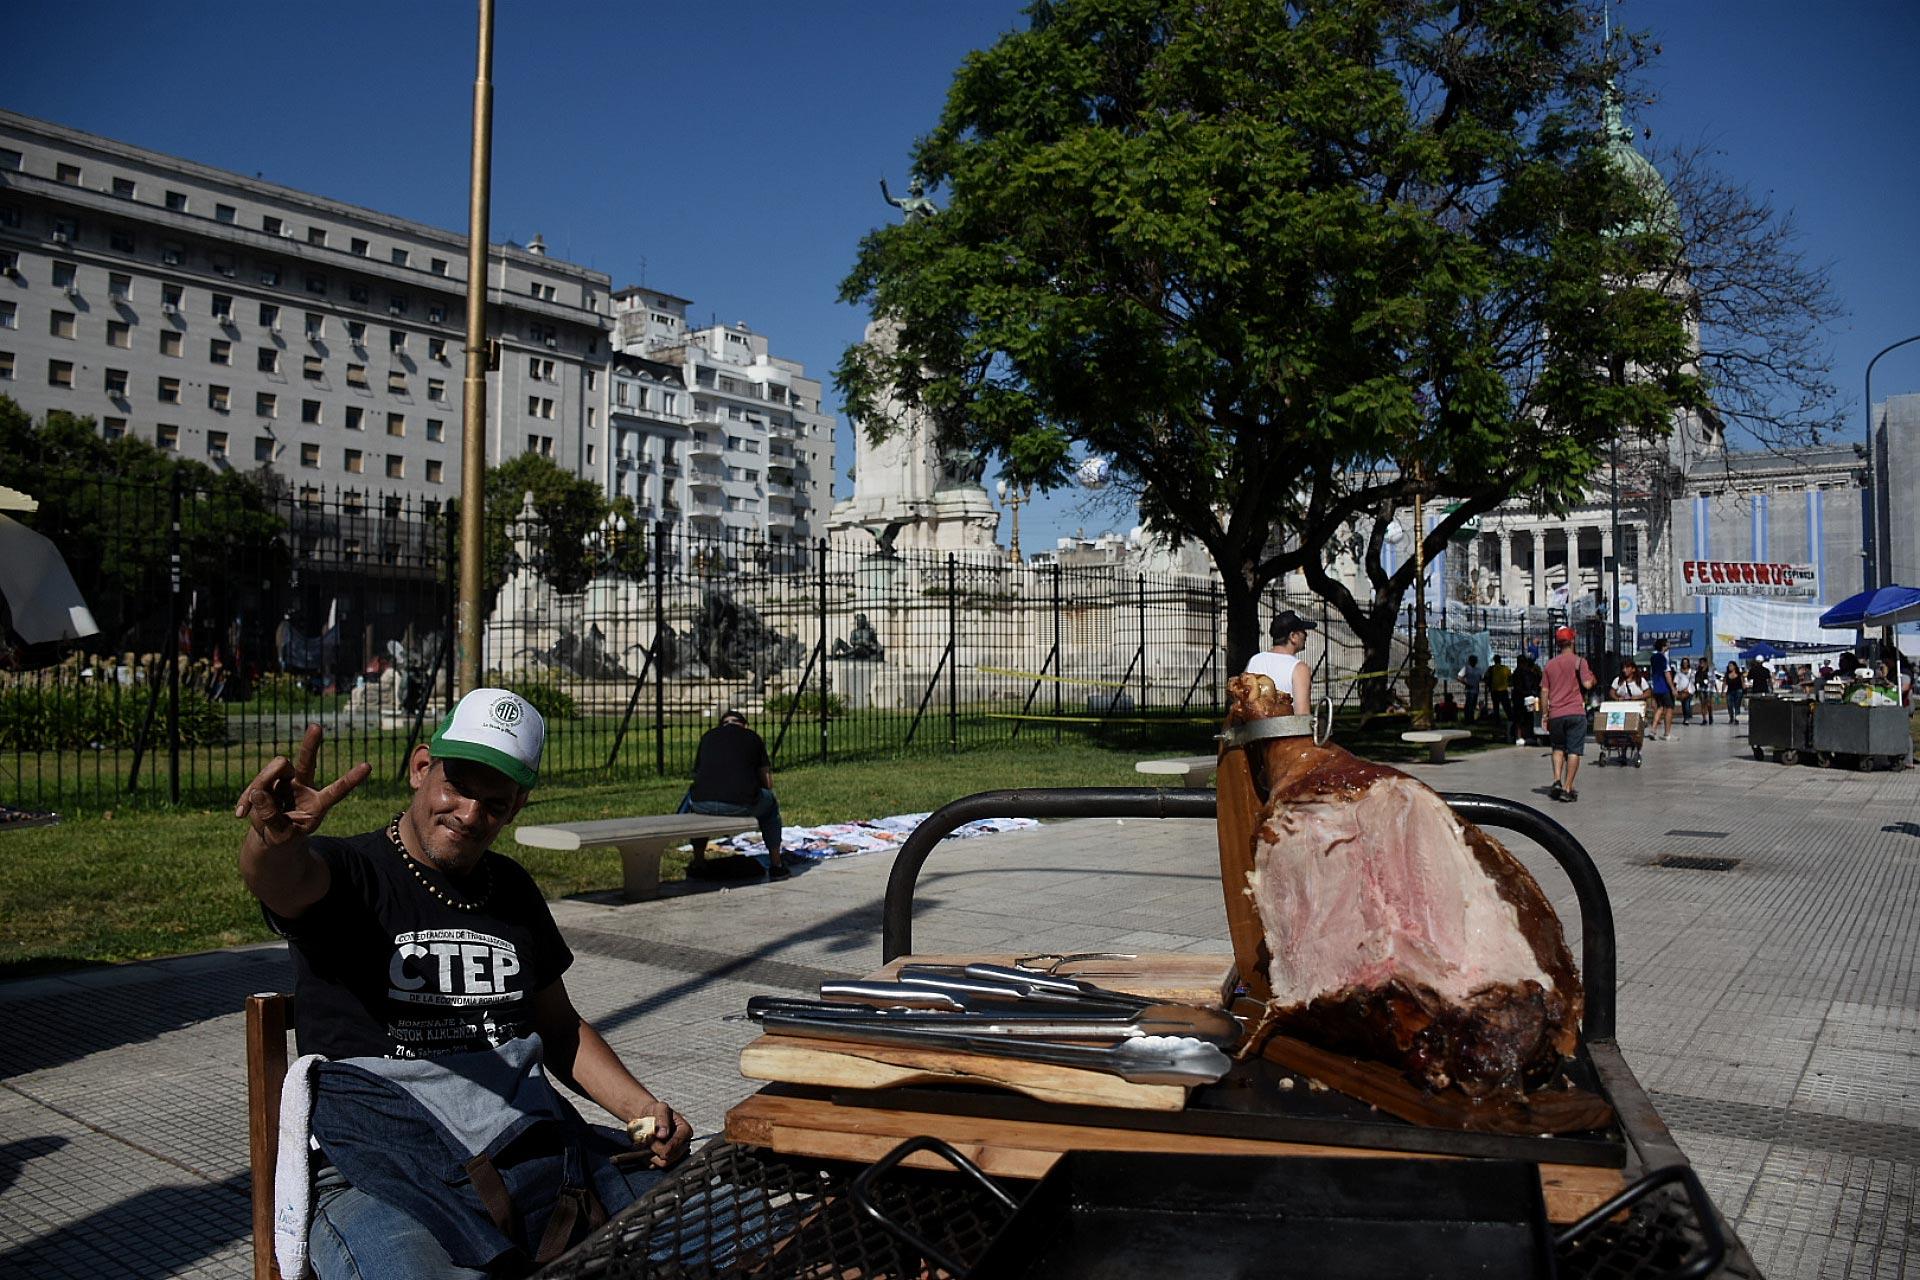 A partir de las diez de la mañana, militantes kirchneristas comenzaron a llegar a la Plaza del Congreso para seguir el discurso de Alberto Fernández y apoyar al gobierno nacional